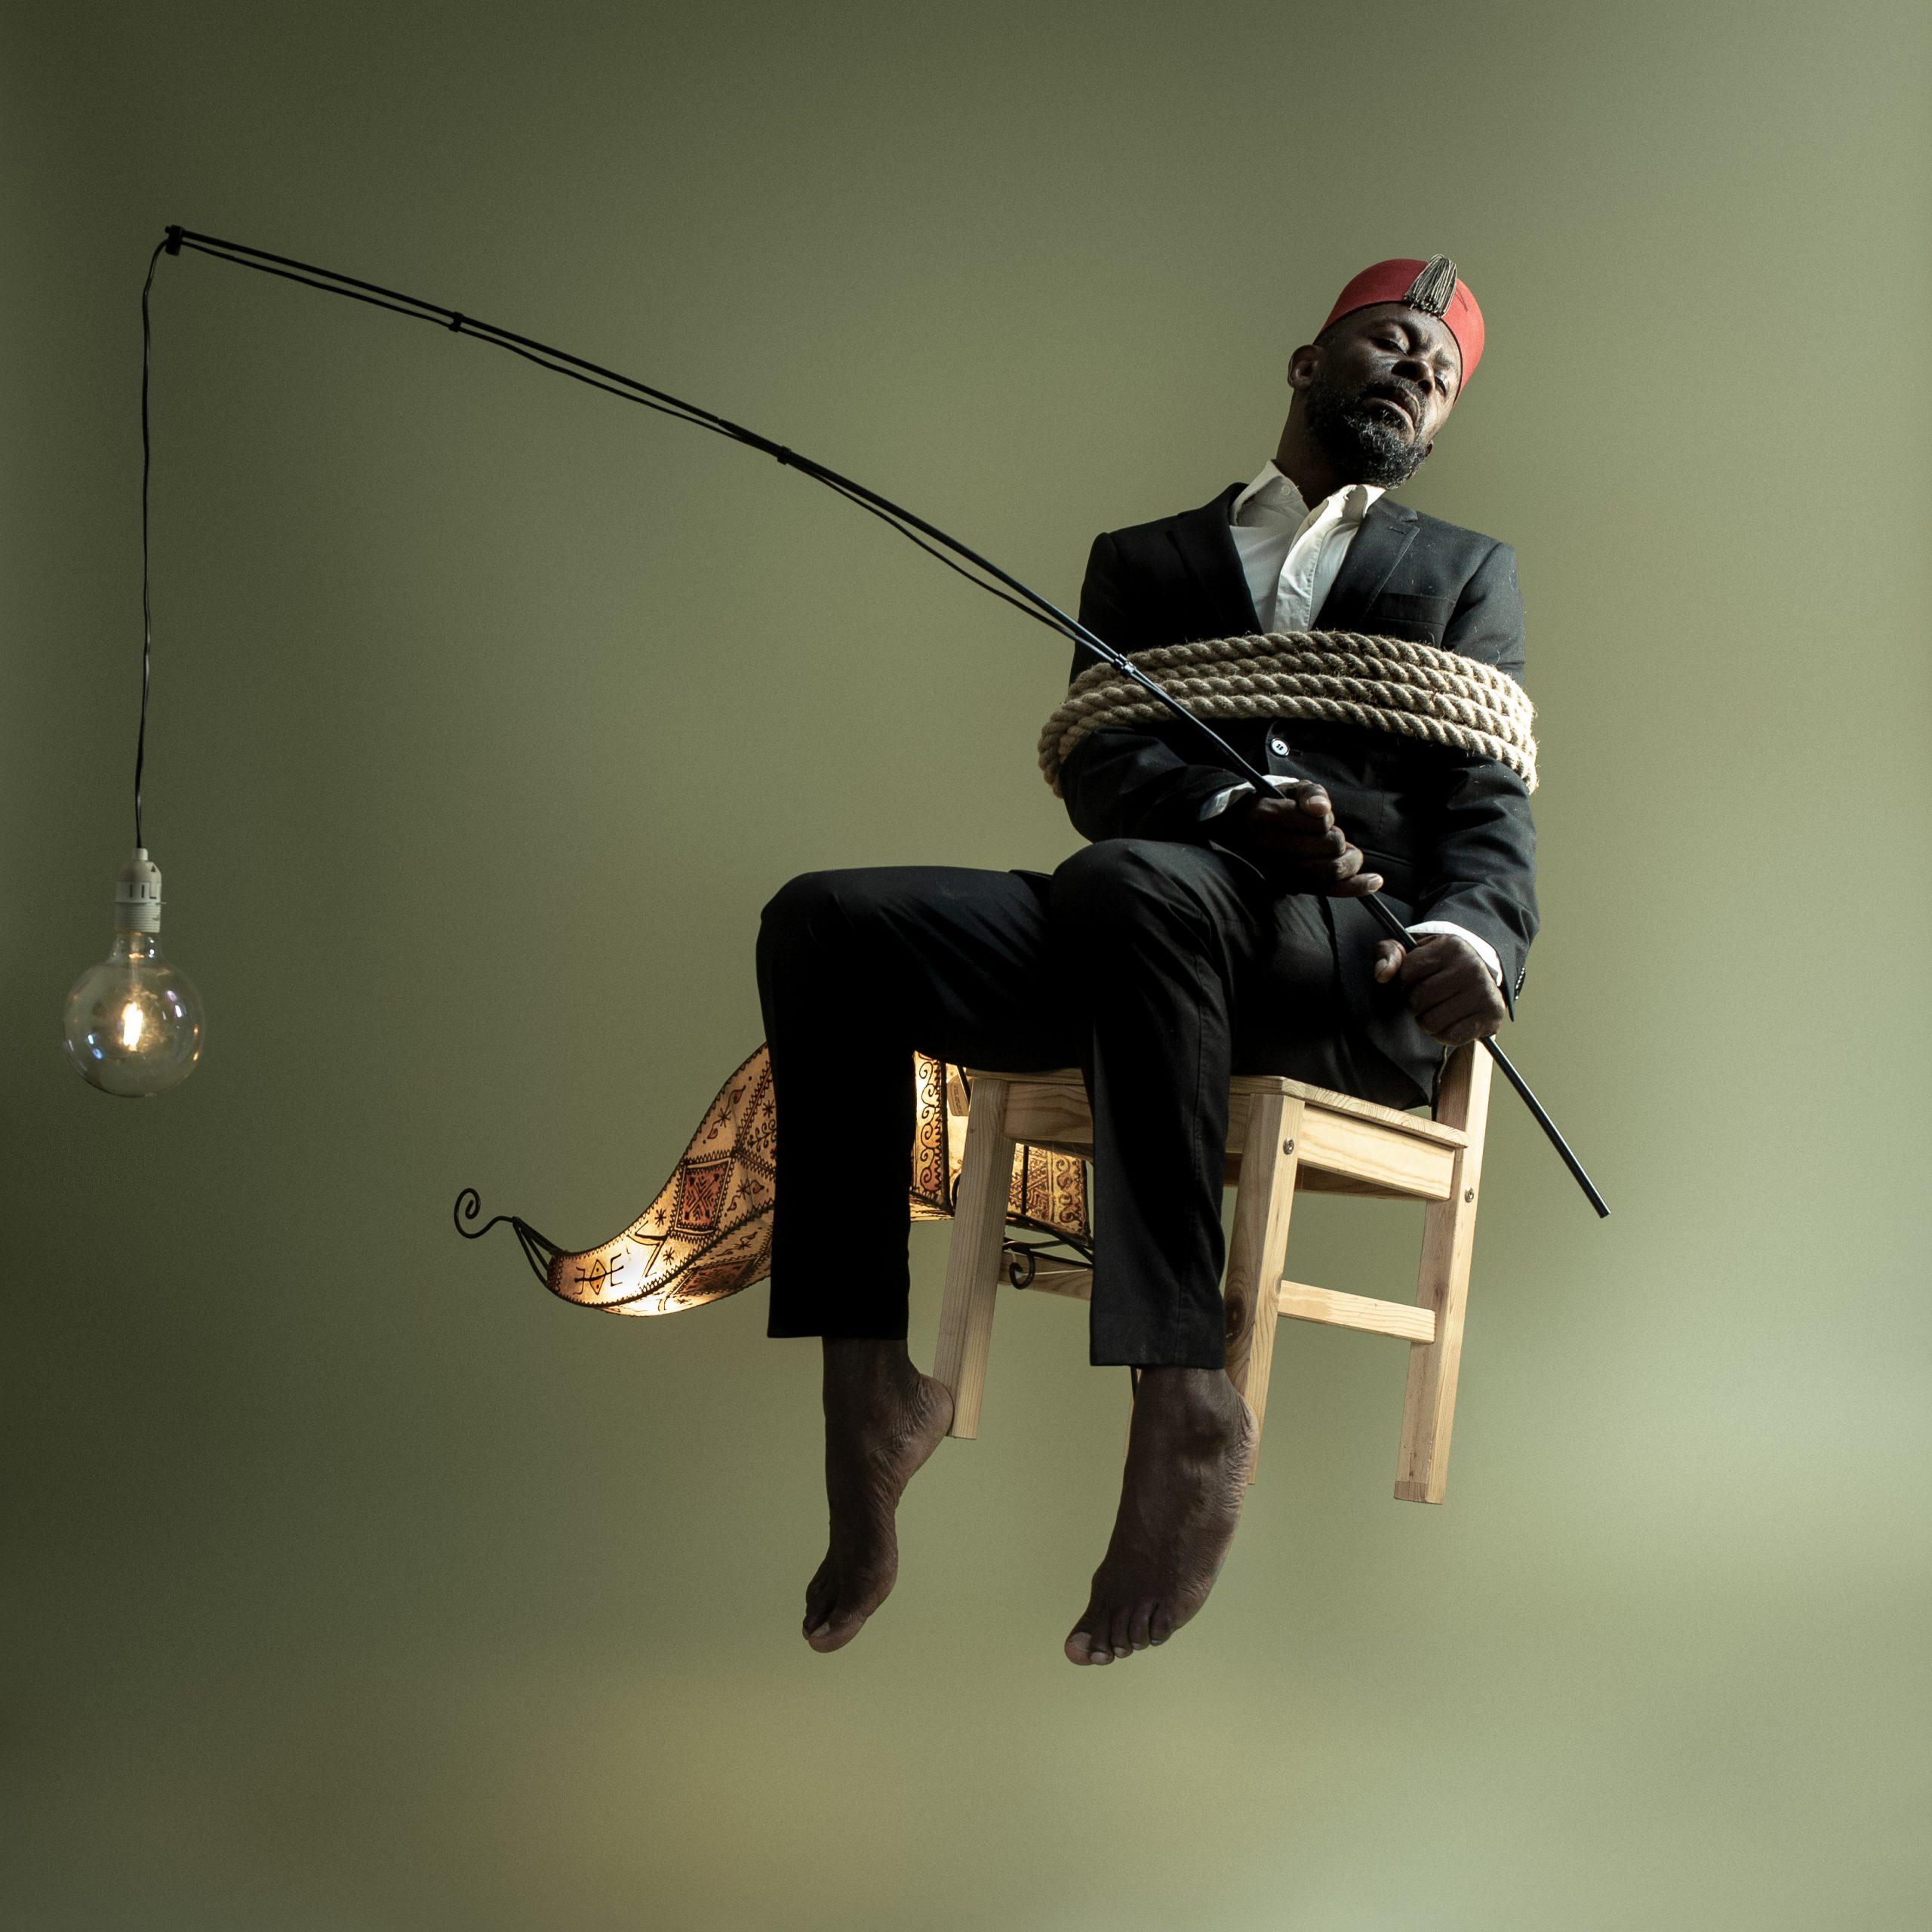 Benji Reid, Light Bearer, 2020. Courtesy the artist and October Gallery